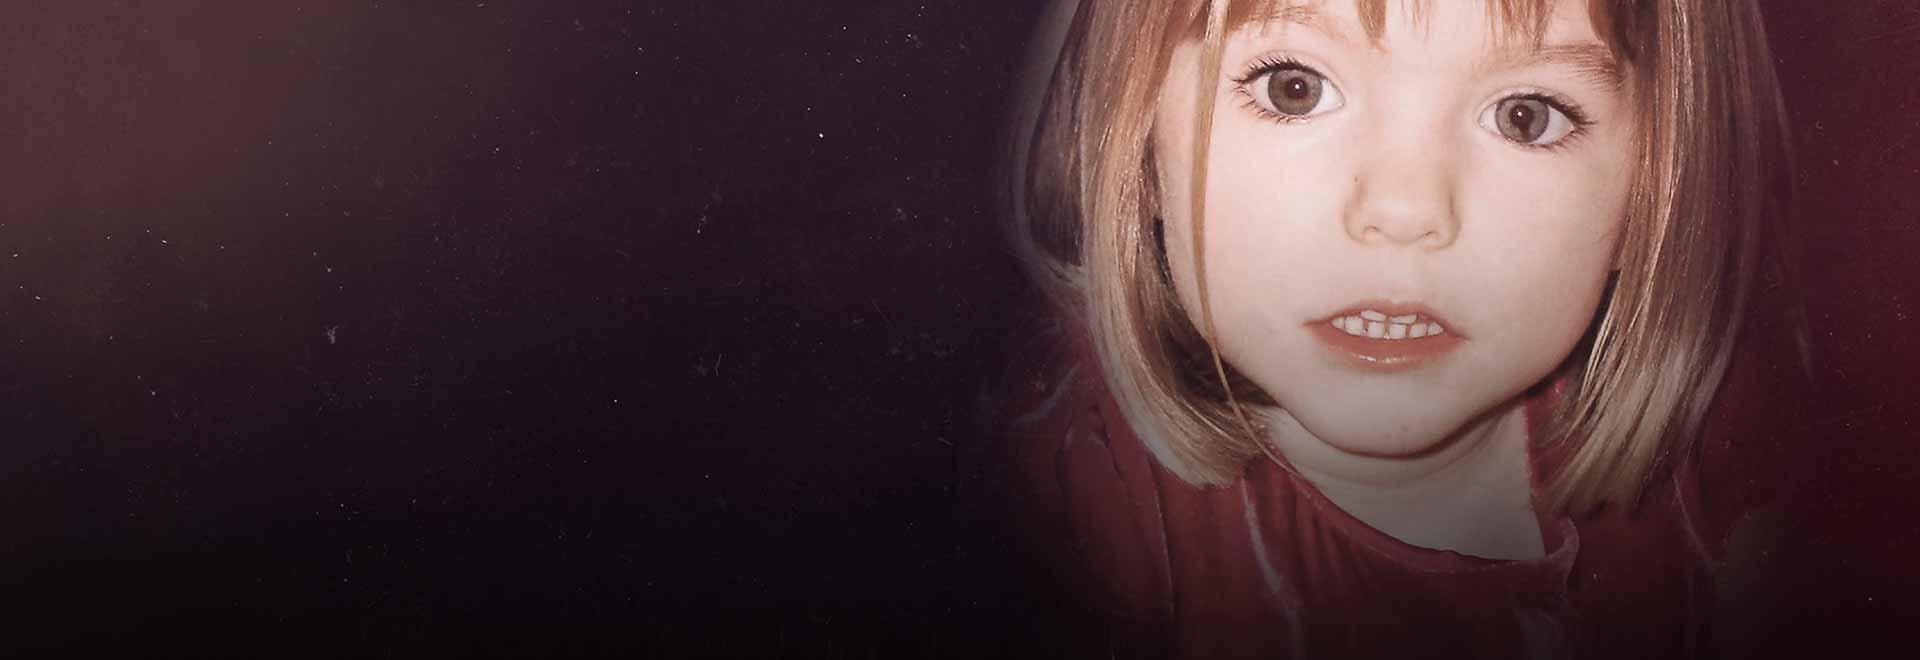 La scomparsa della piccola Madeleine